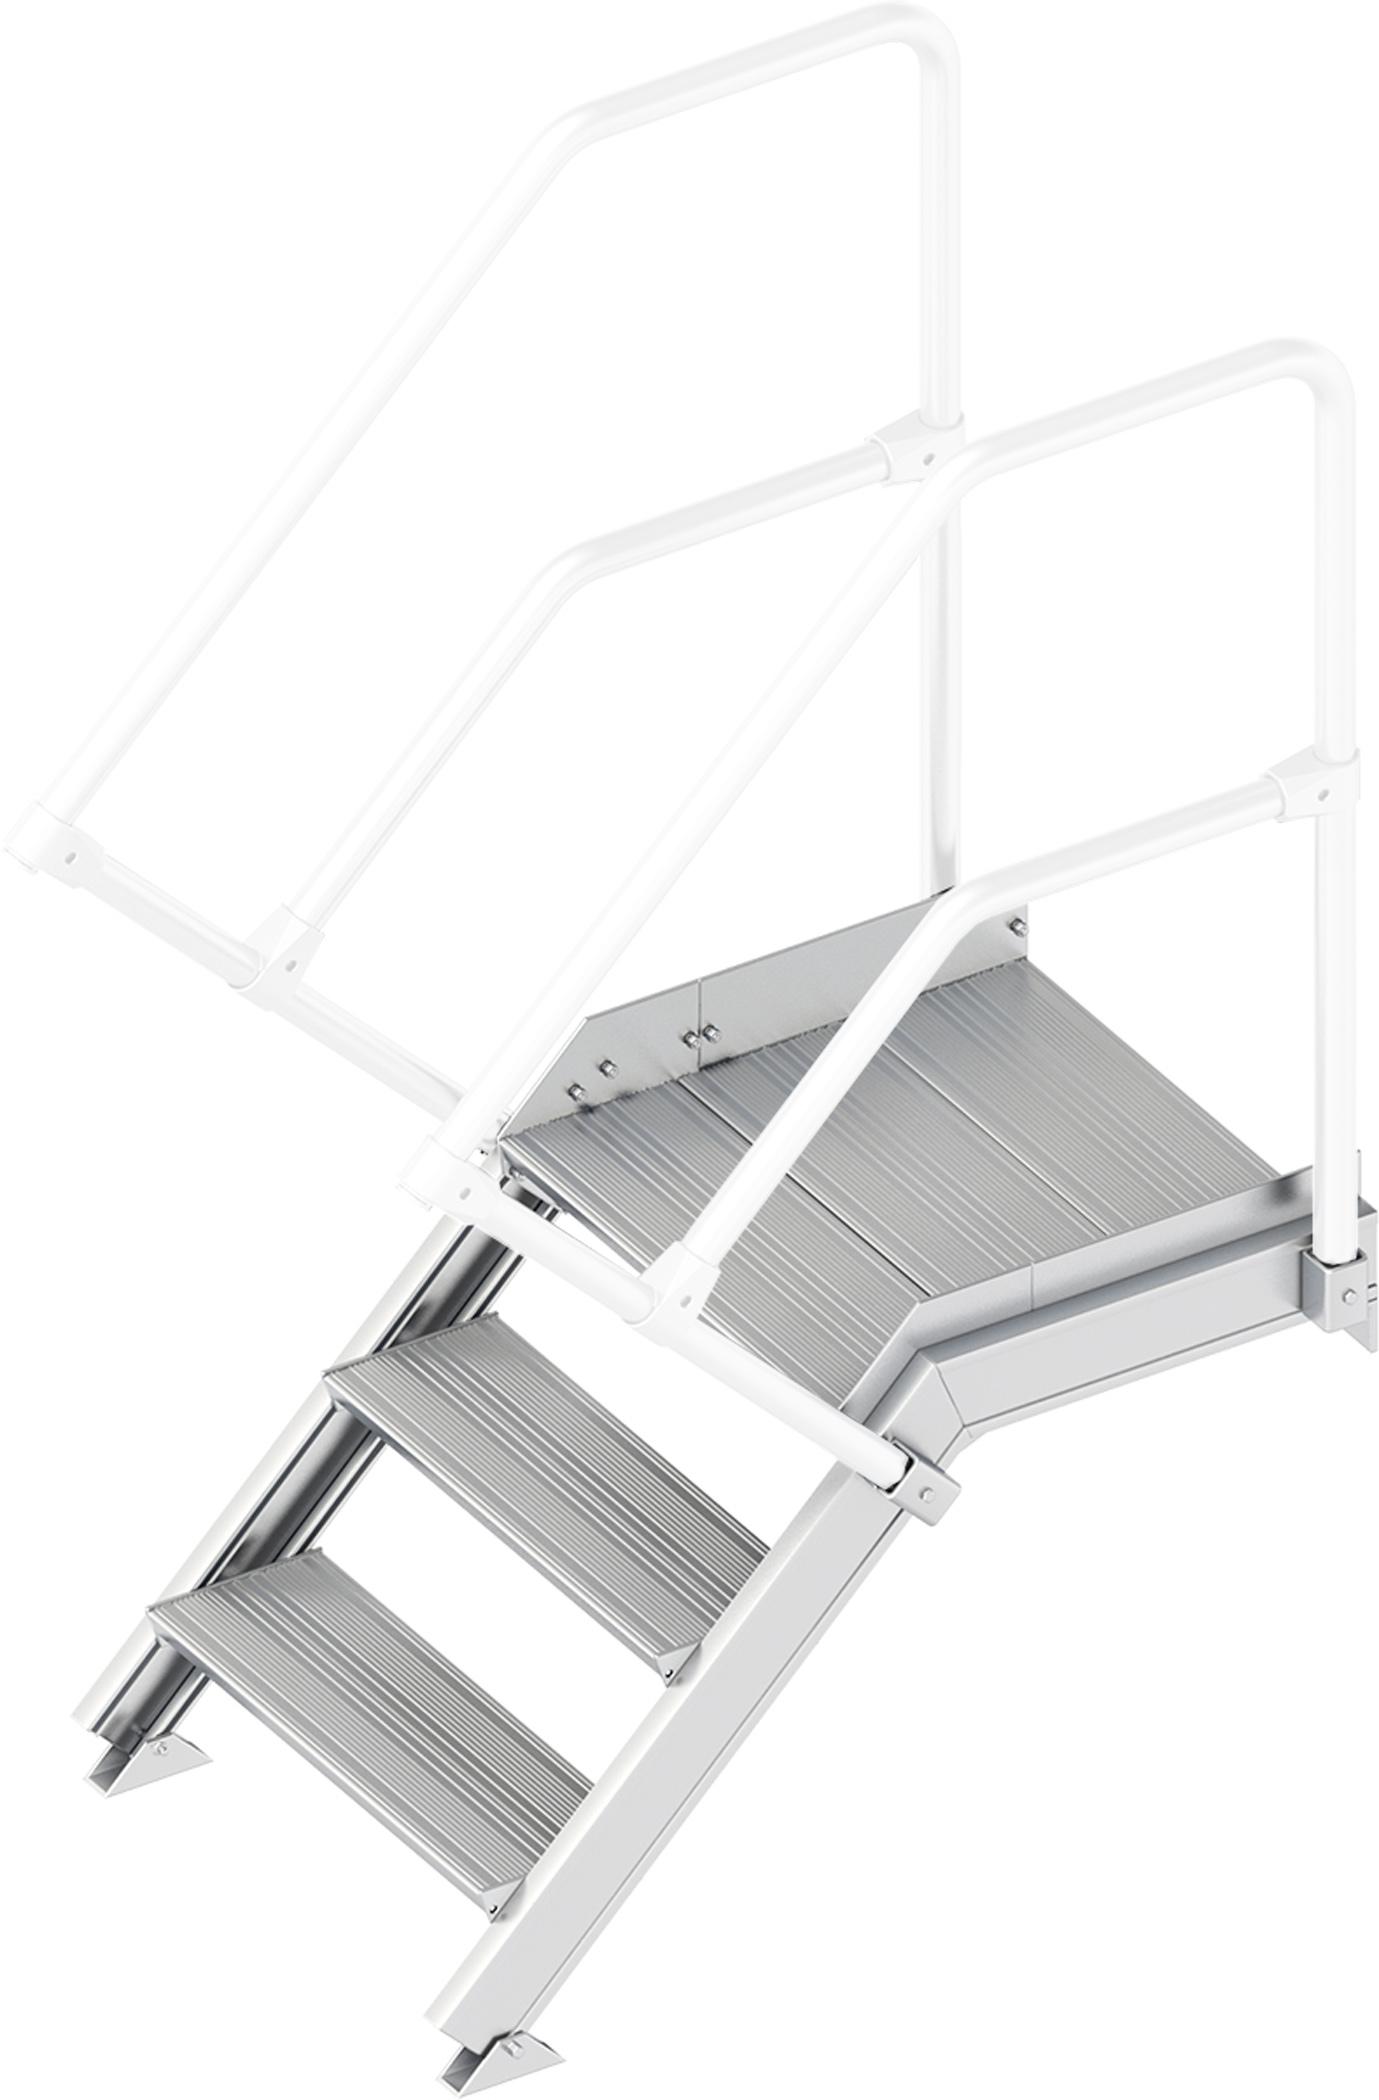 Layher Plattformtreppe 45° 3 Stufen - 600 mm breit